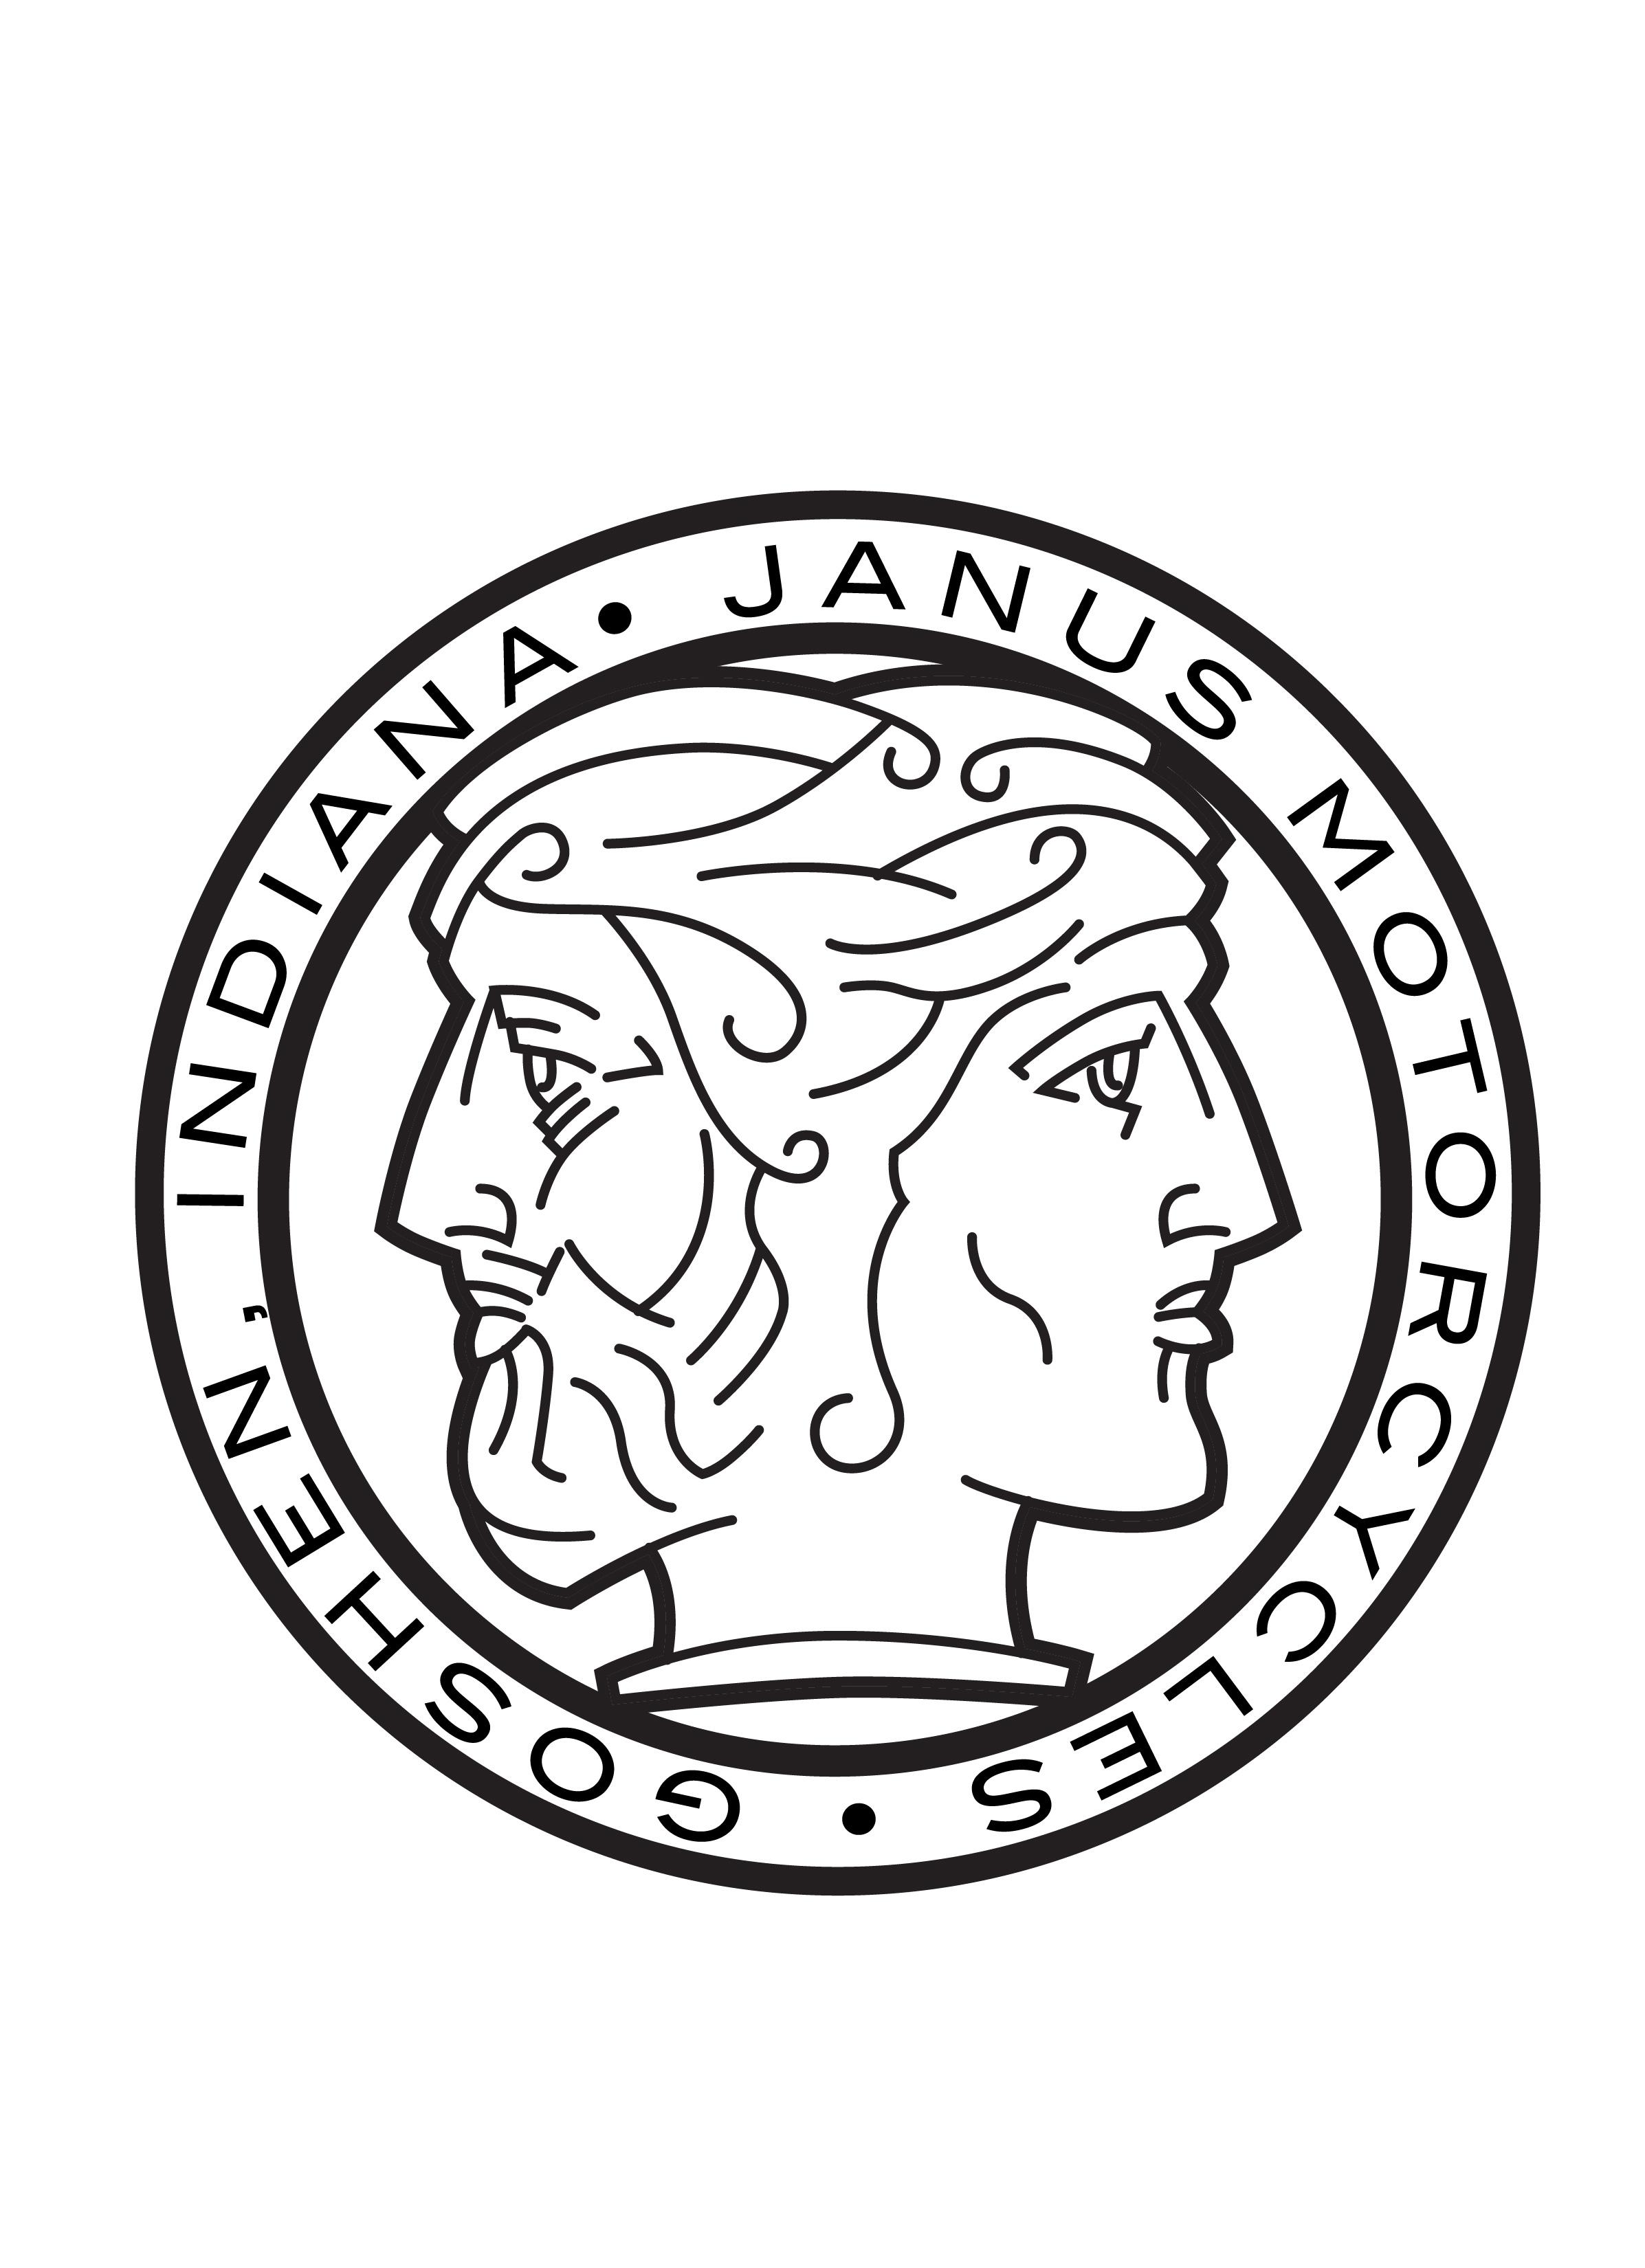 janus-logo-tank-05.jpg